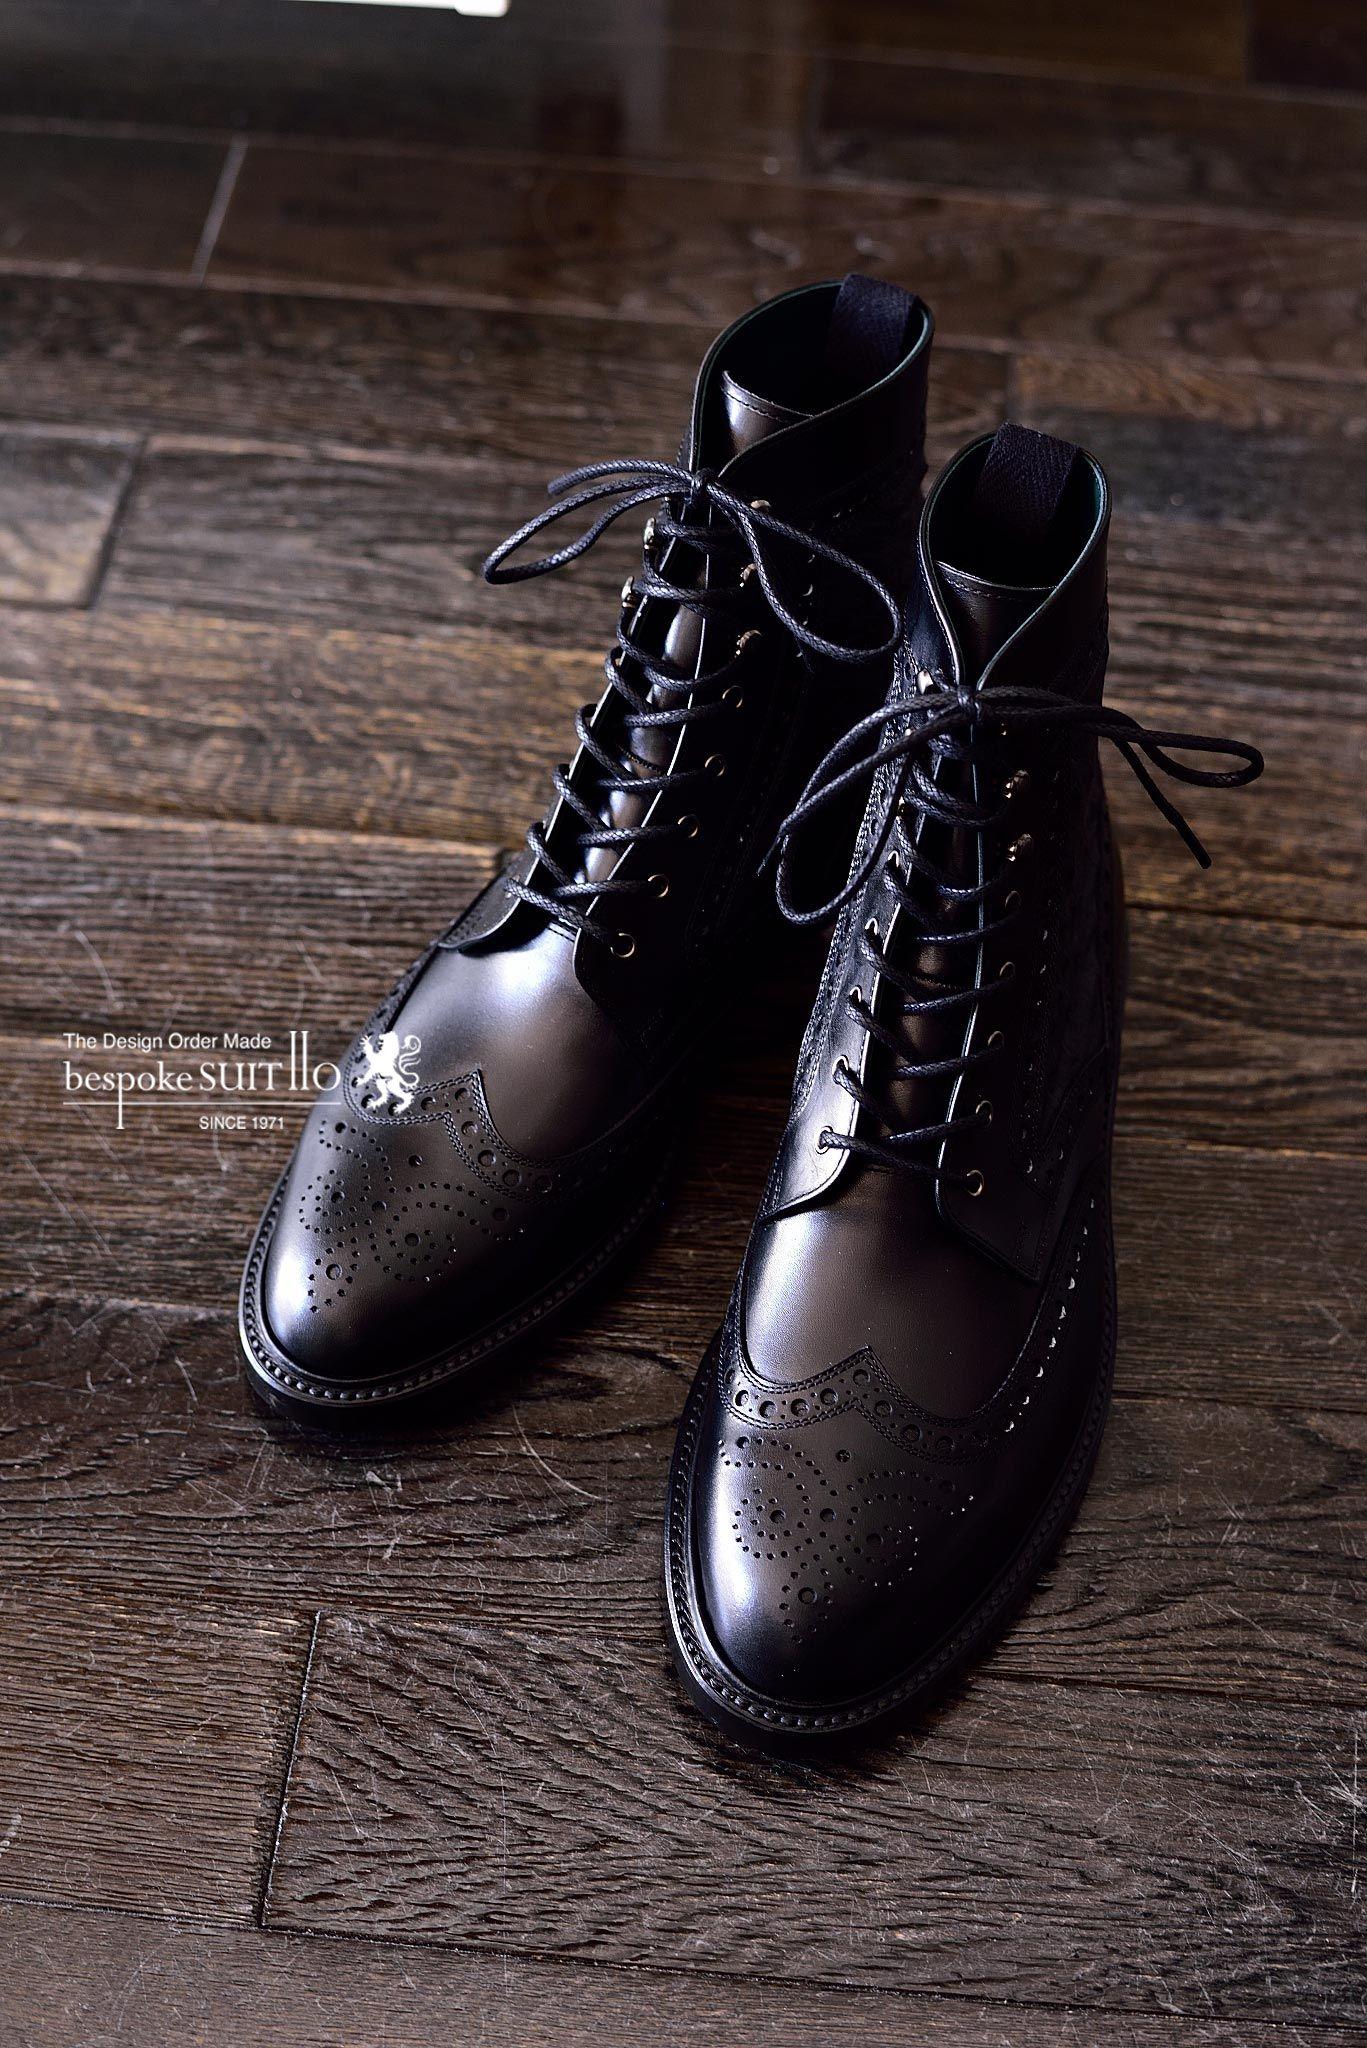 革靴,宮城興業,和創良靴,オーダー靴,オーストリッチ,ES